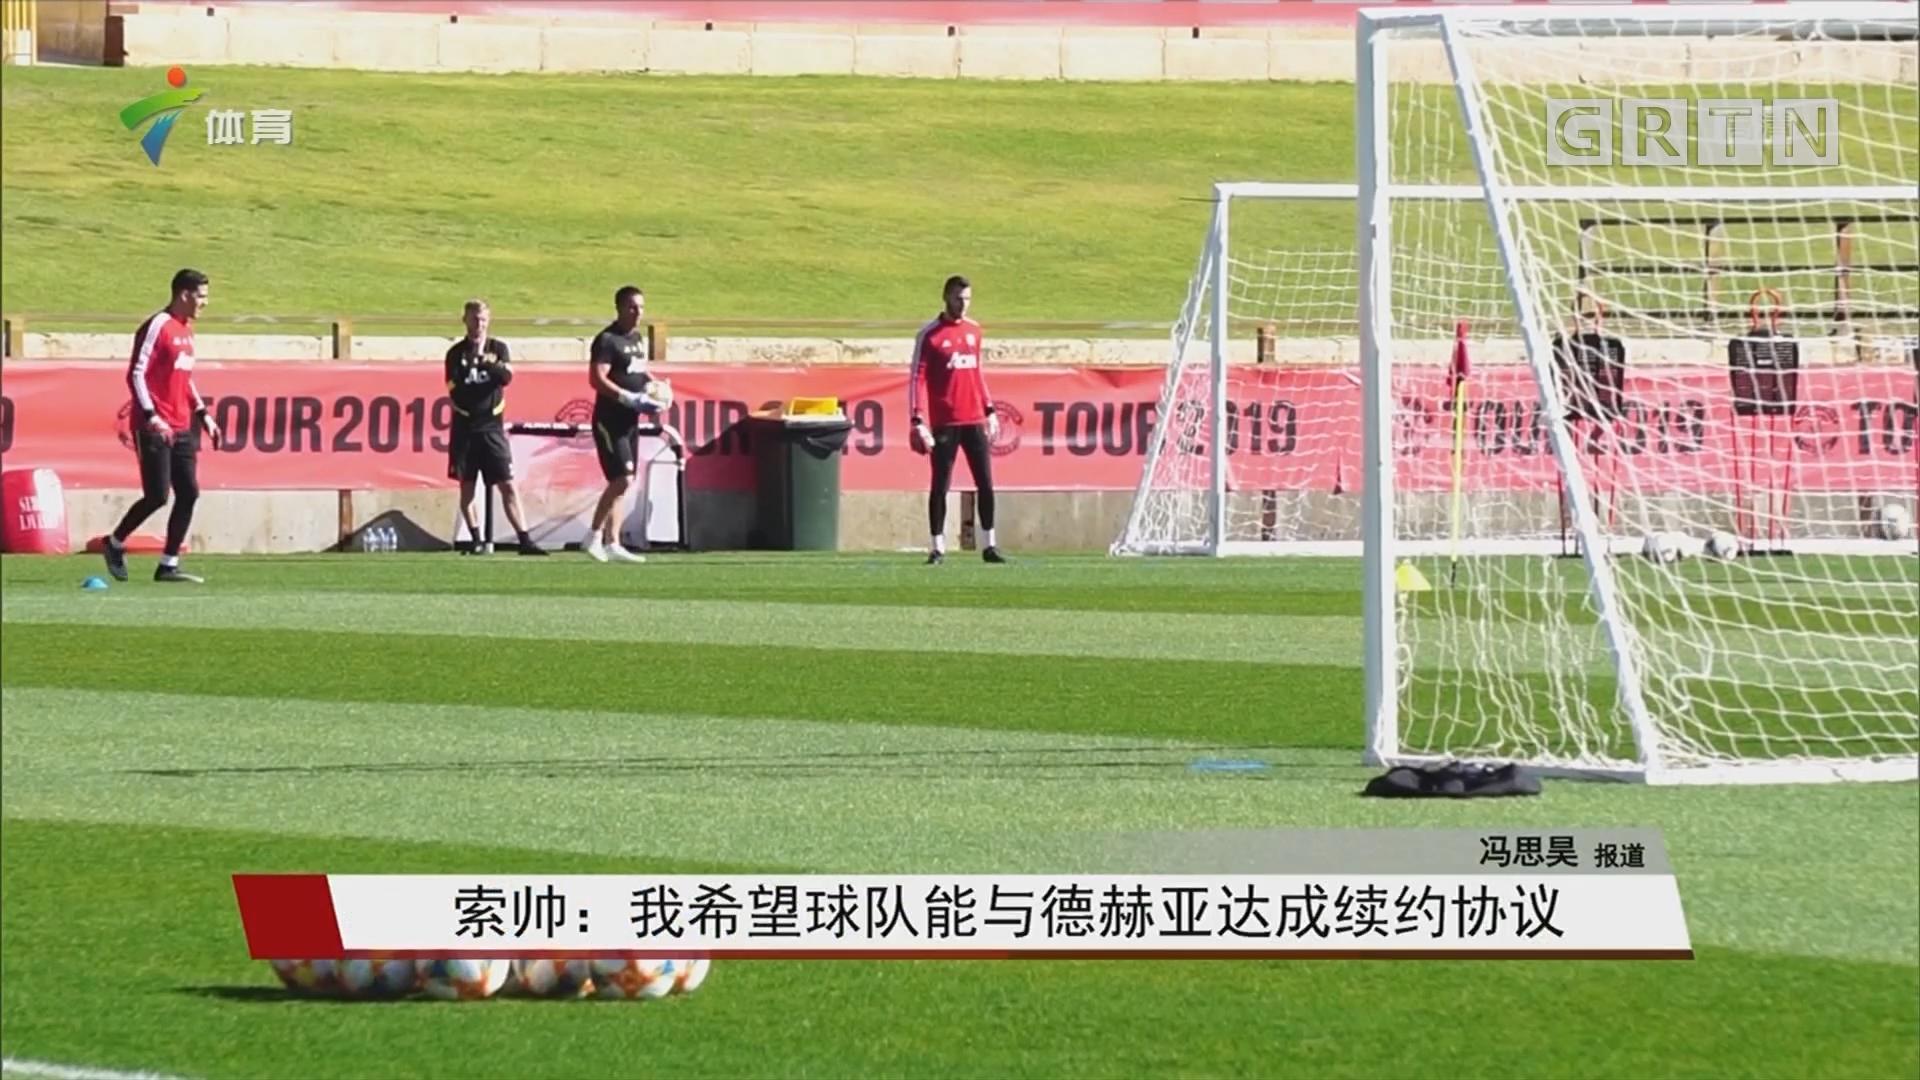 索帅:我希望球队能与德赫亚达成续约协议